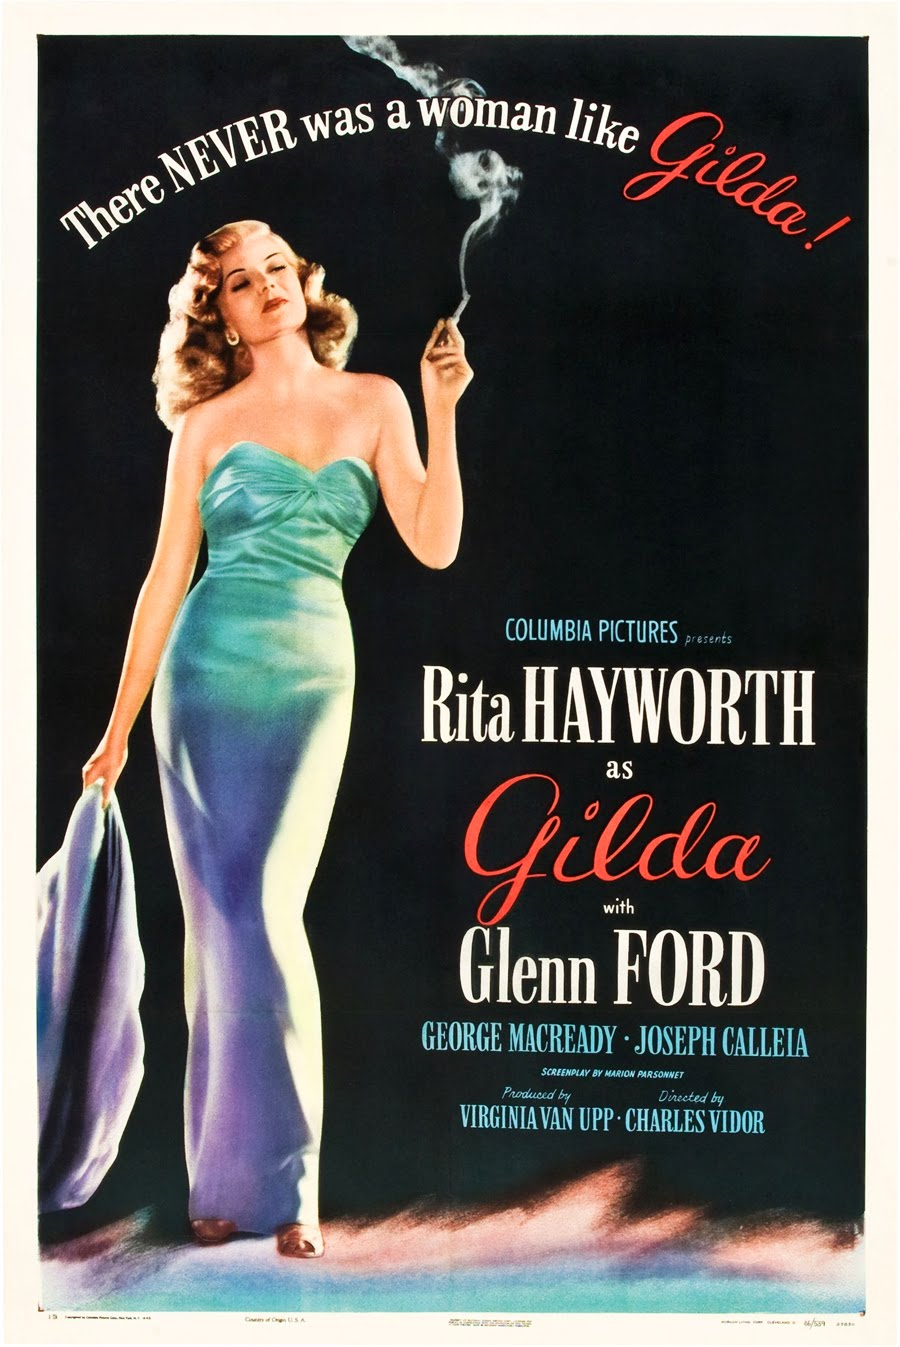 affiche poster film noir cinema 008 102 affiches de films noirs